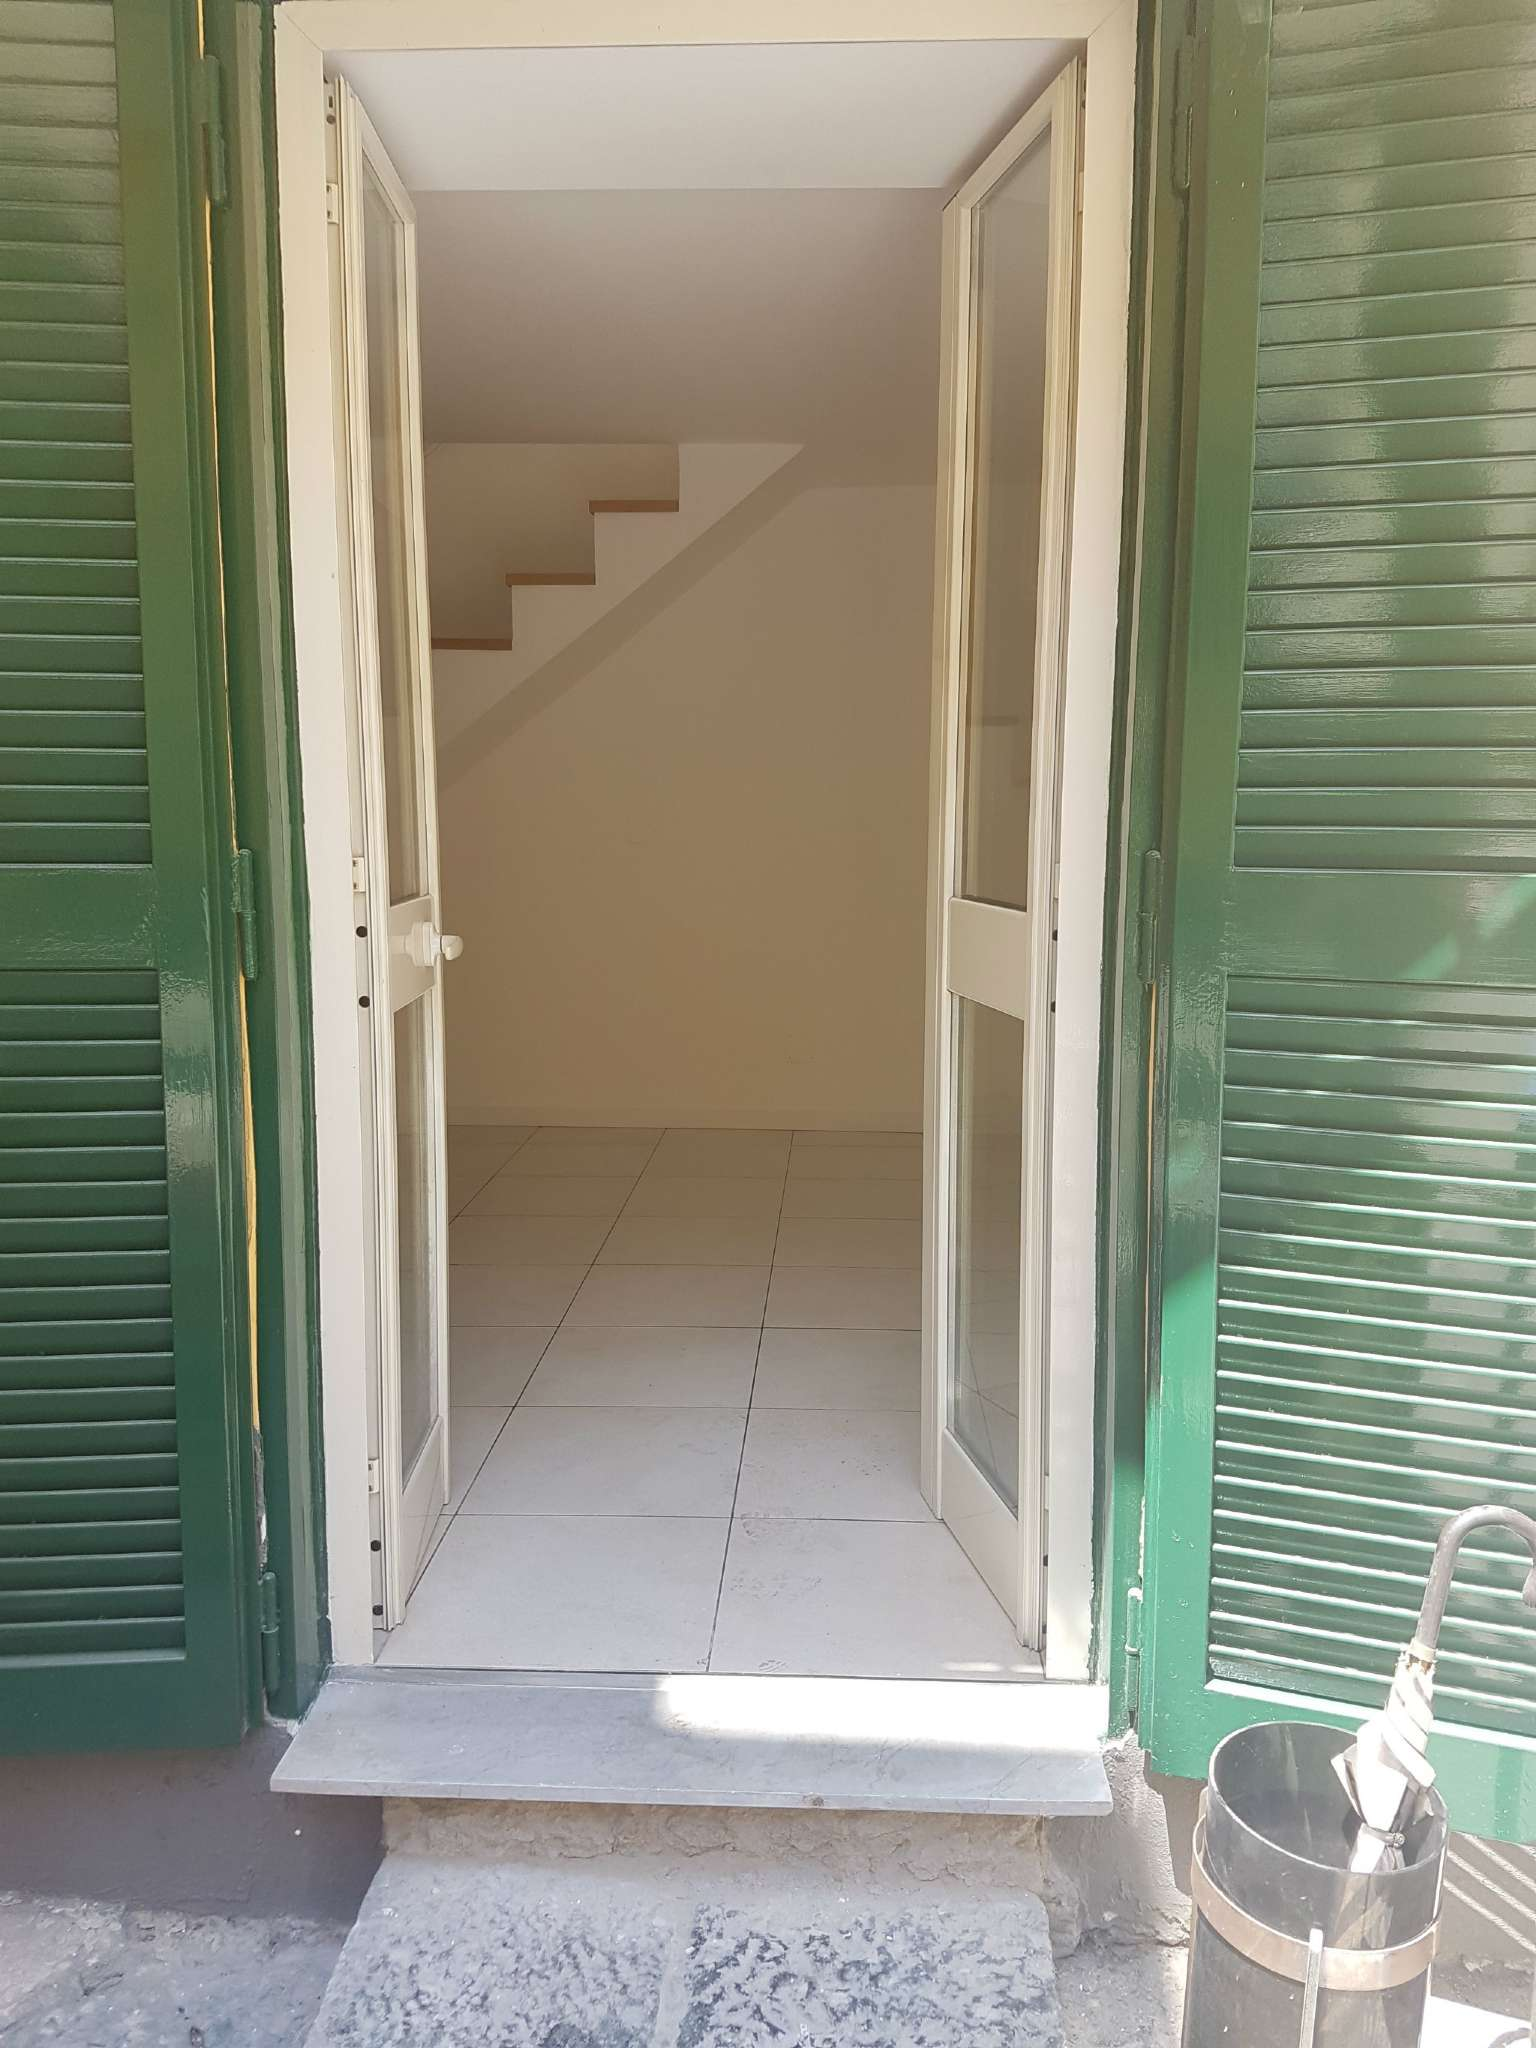 Appartamento in affitto a Napoli, 2 locali, zona Zona: 1 . Chiaia, Posillipo, San Ferdinando, prezzo € 650 | CambioCasa.it